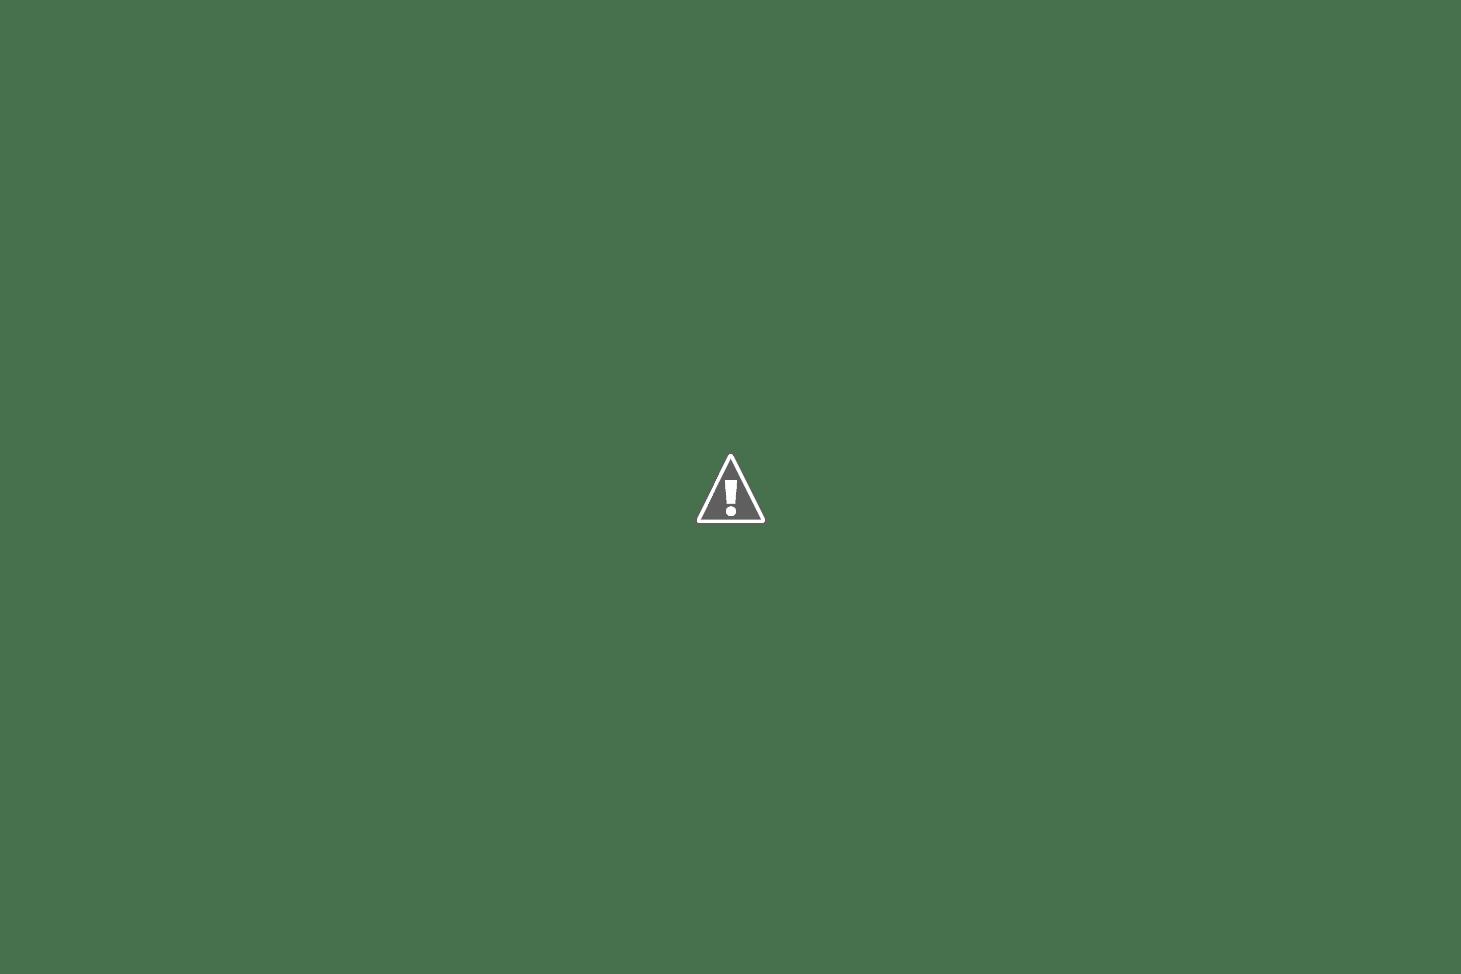 Horvátkimlei Szent Mihály rk. templom és keresztút a templom mögött